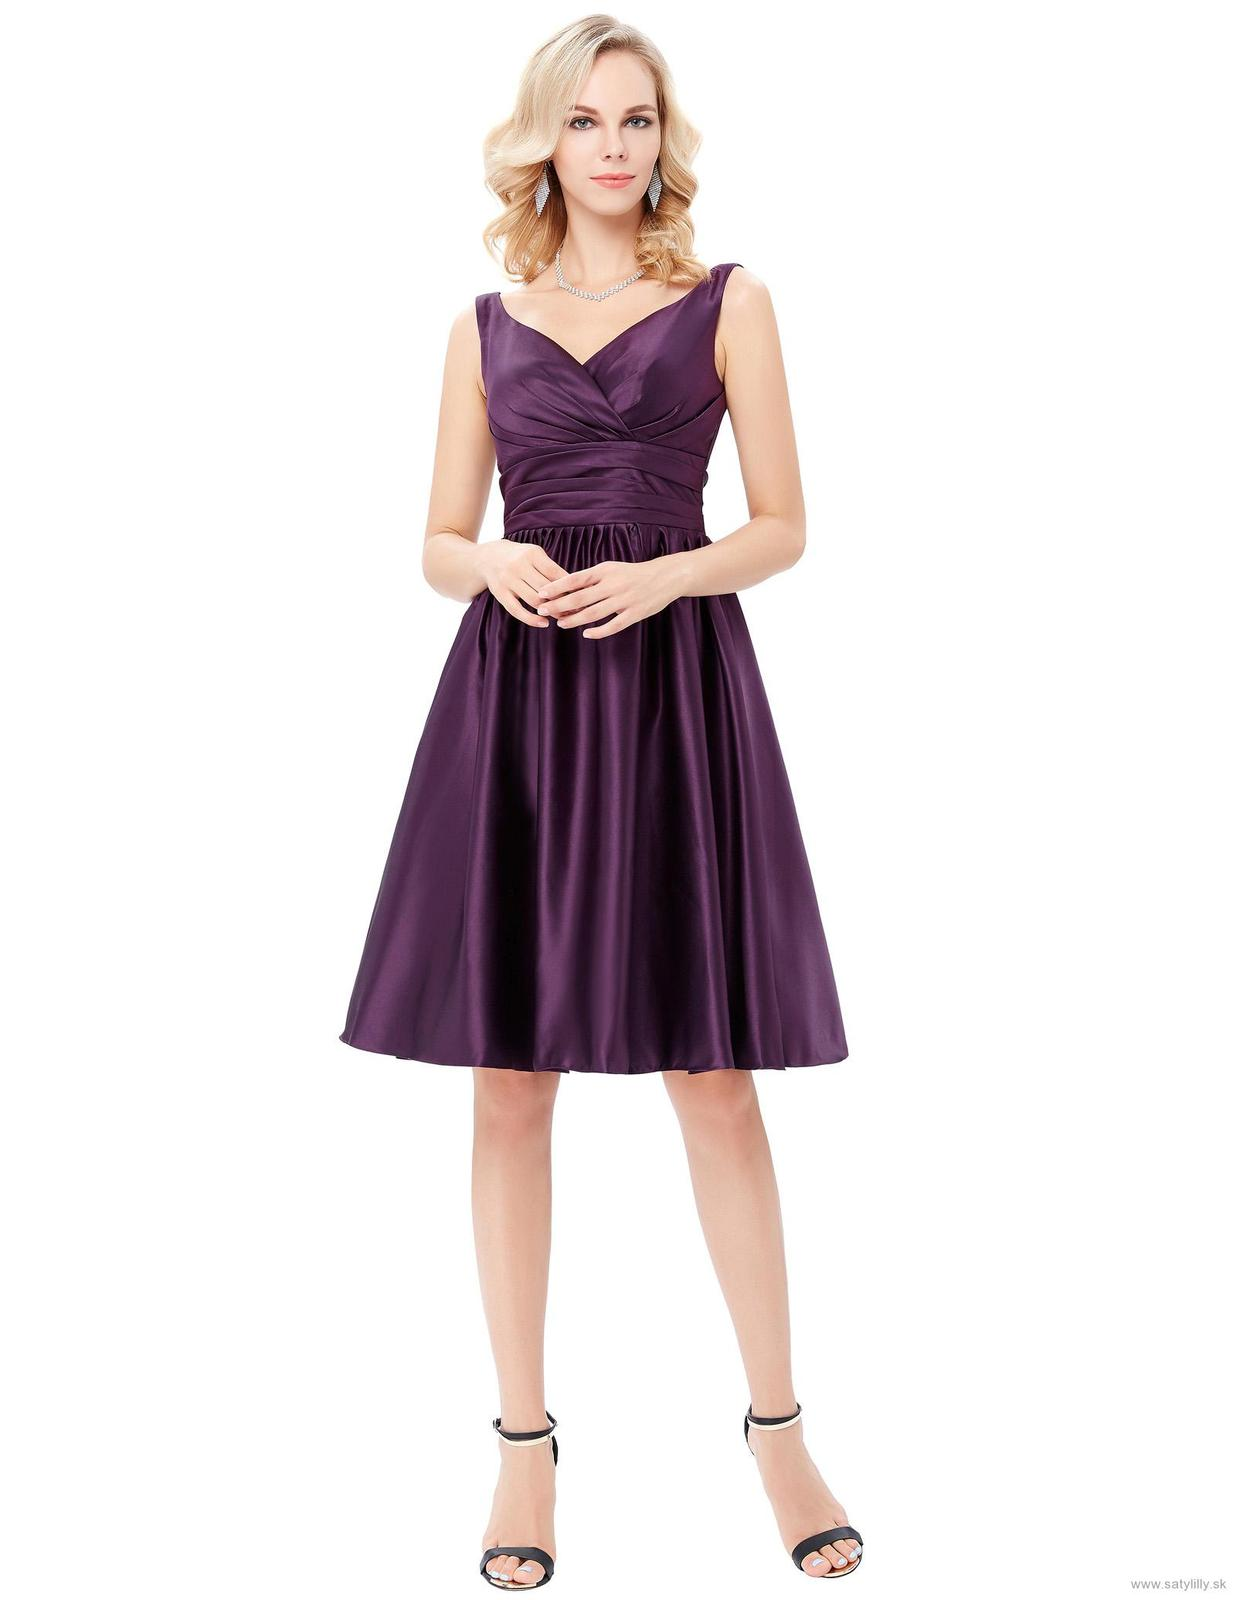 Spoločenské šaty 9126 - veľ. 34 dodanie IHNEĎ - Obrázok č. 1